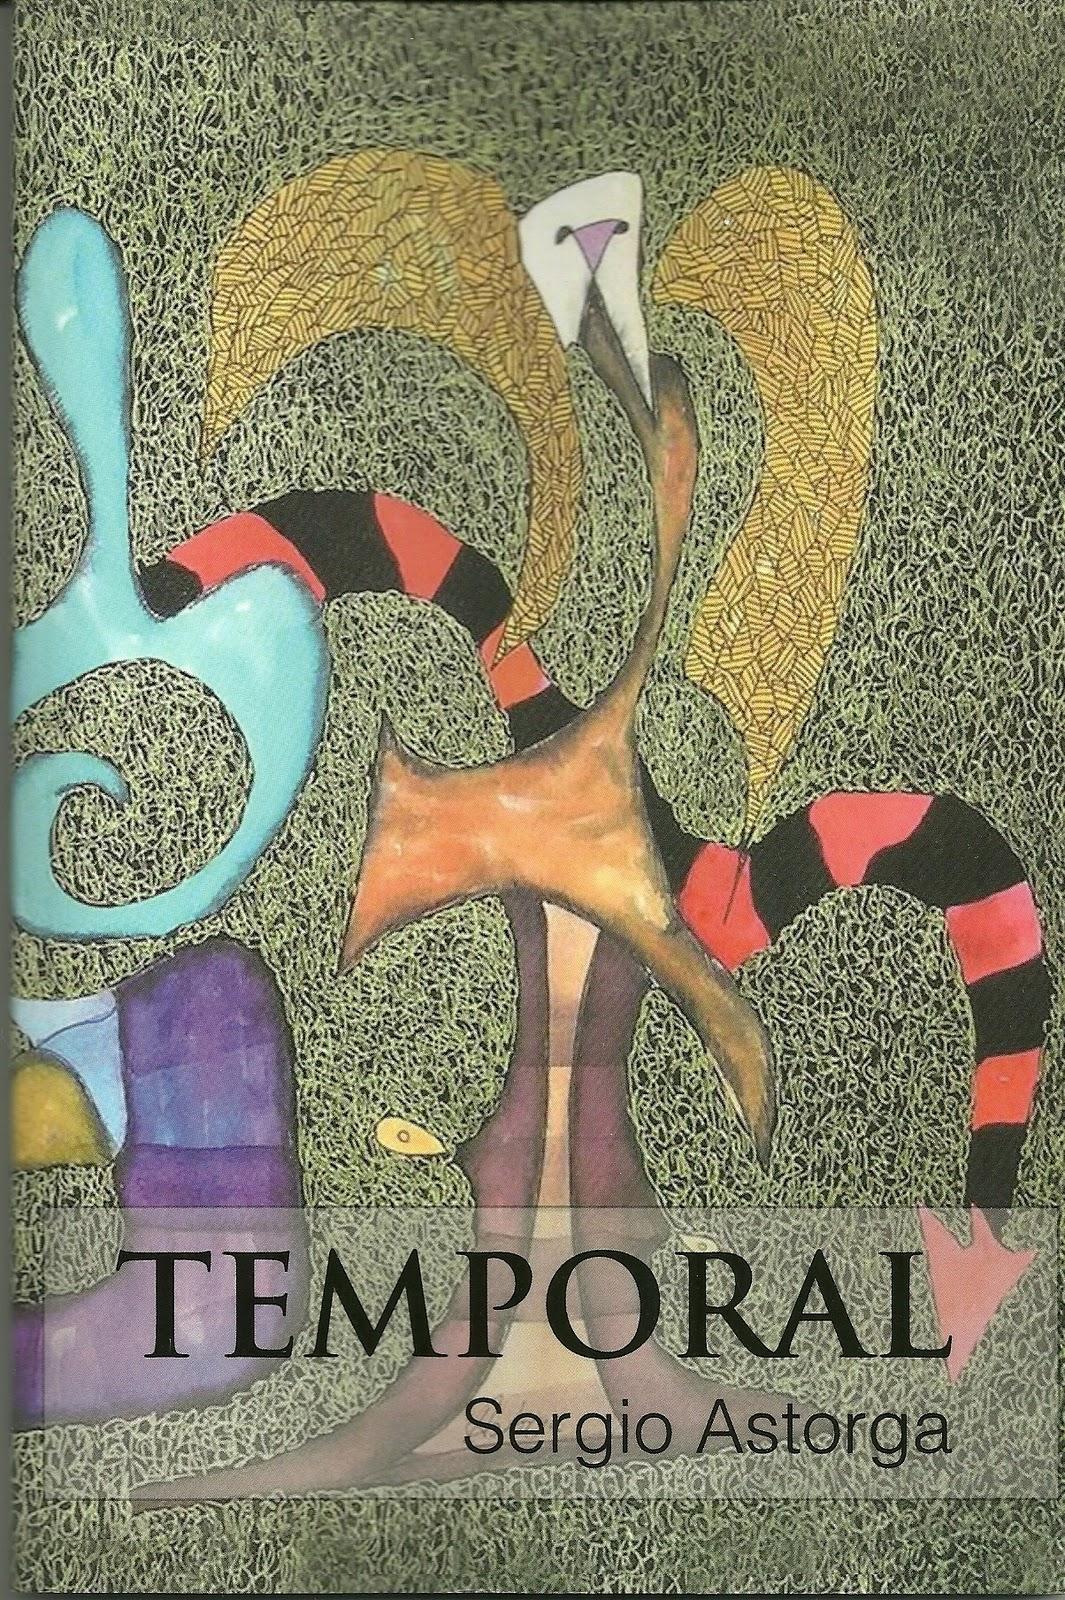 Aldea De Las Letras Temporal De Sergio Astorga